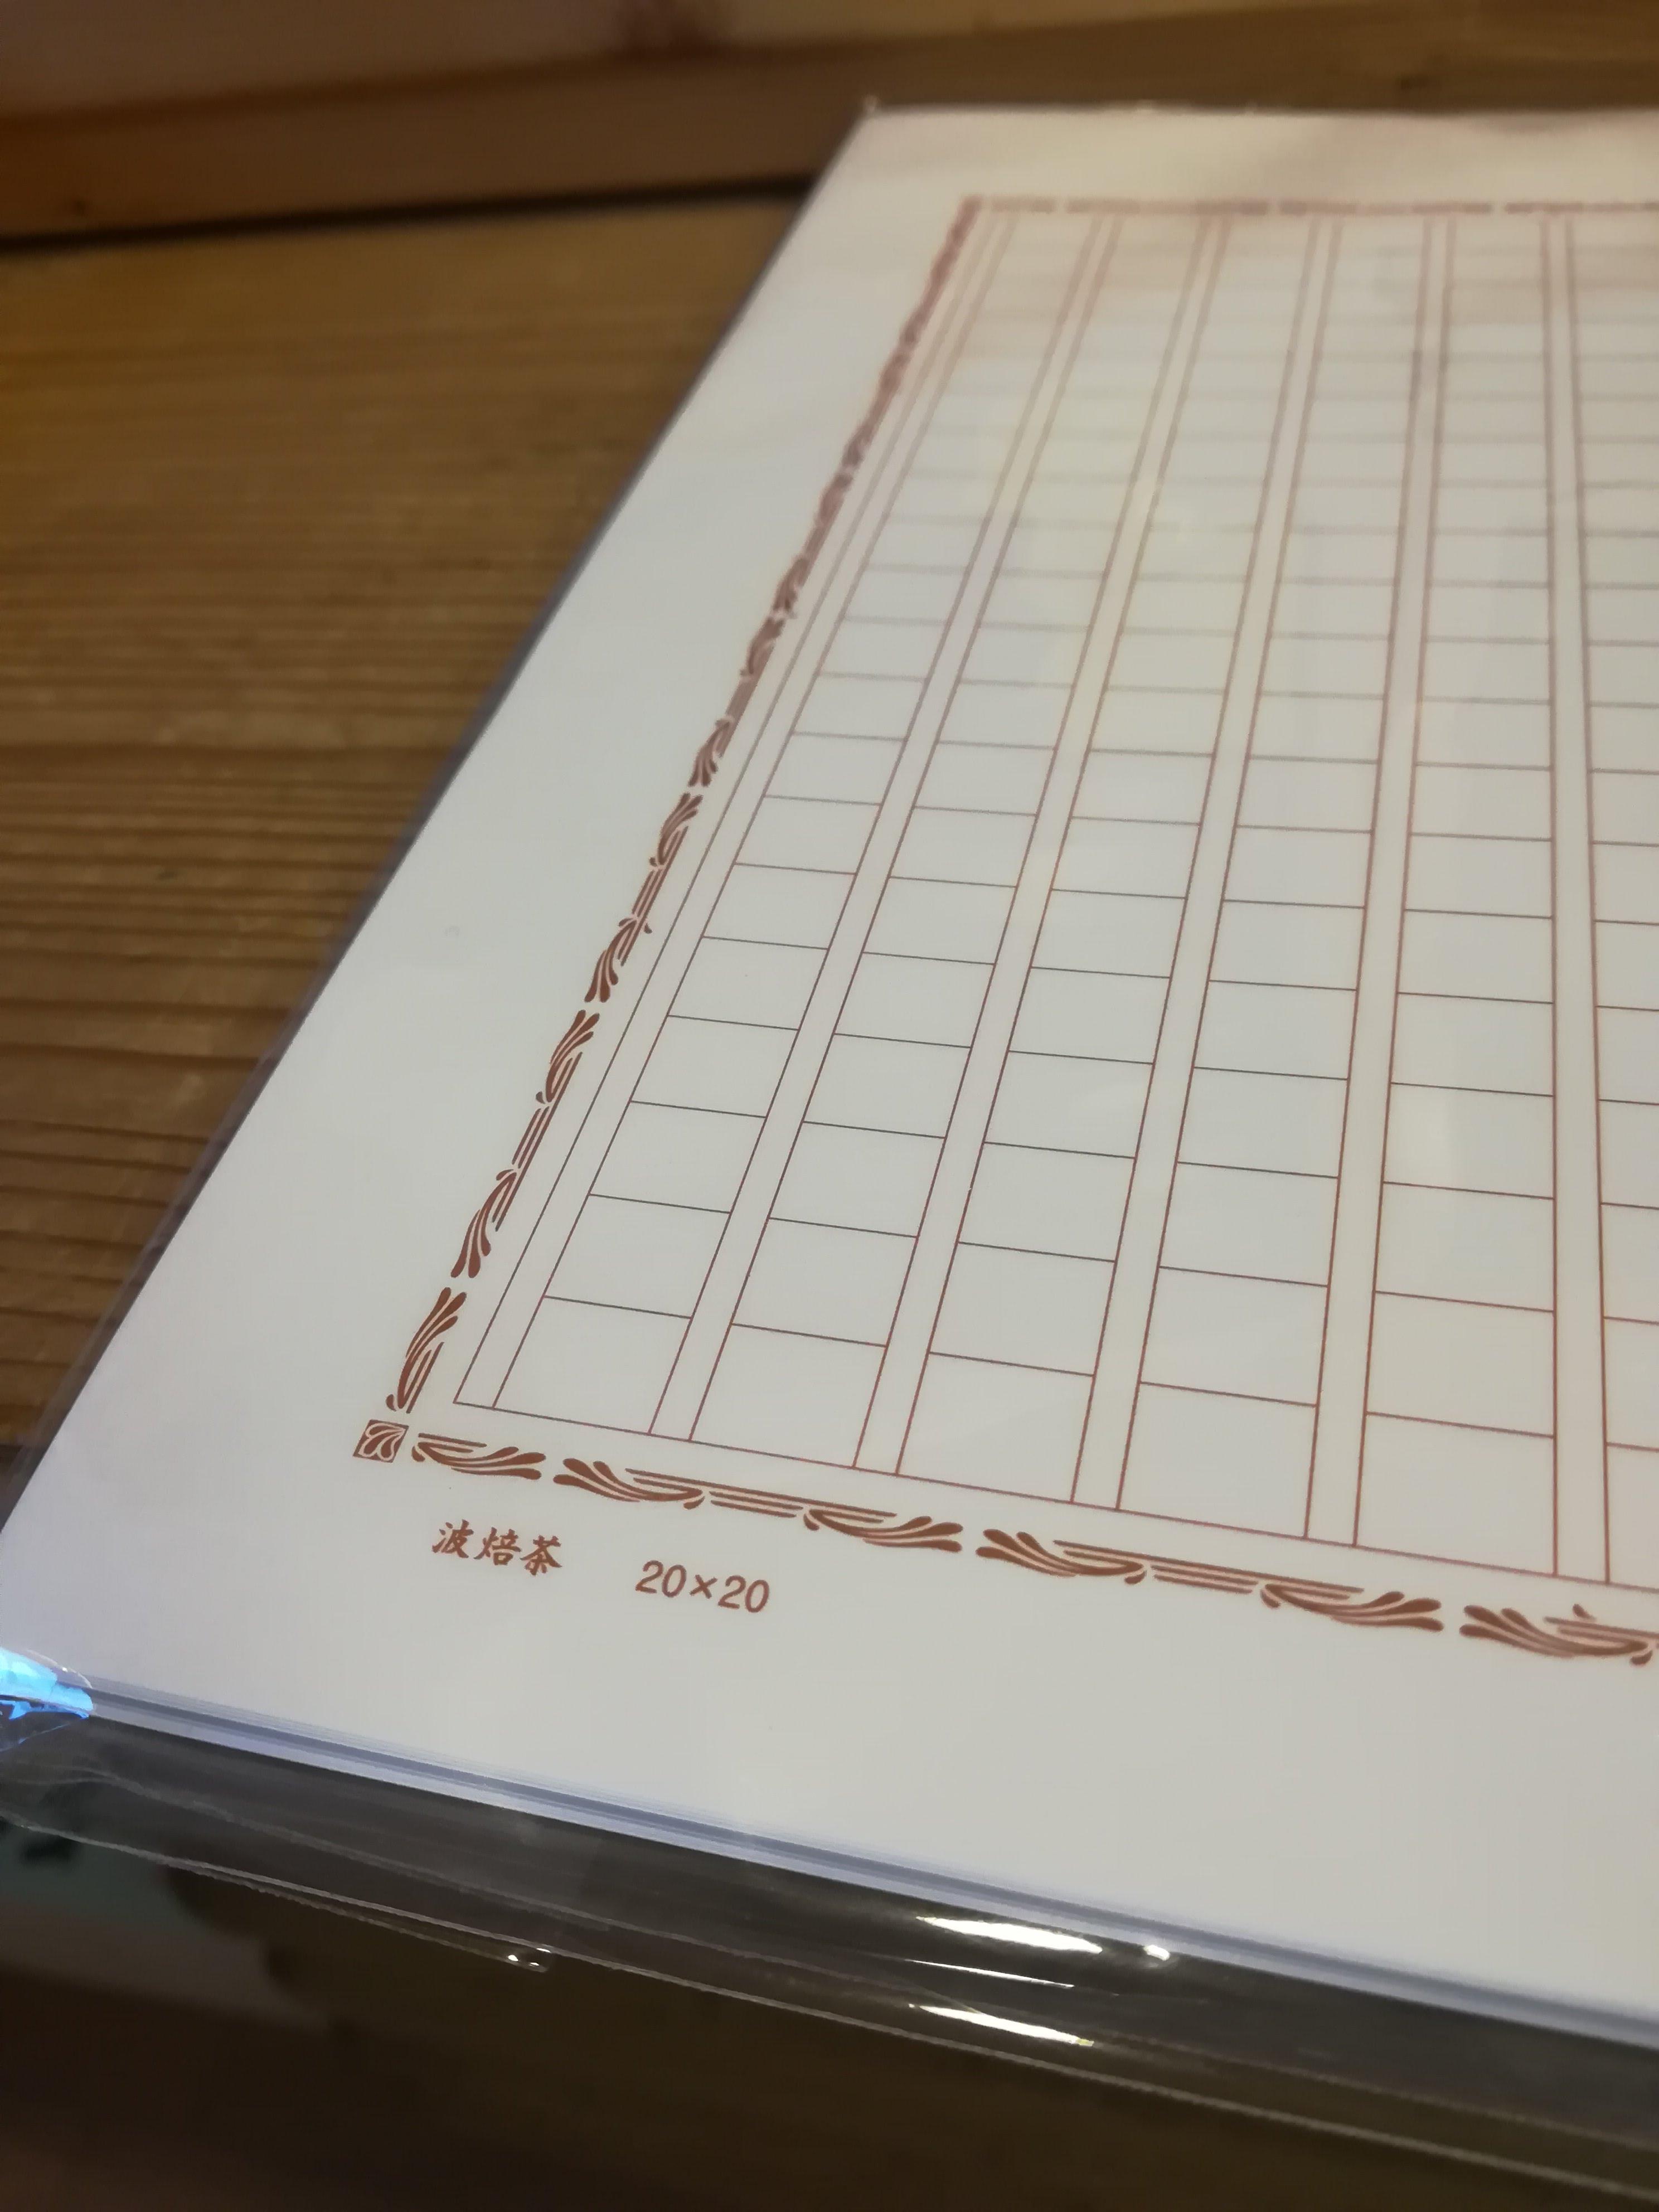 【波焙茶 限定色】「飾り原稿用紙」発売開始。